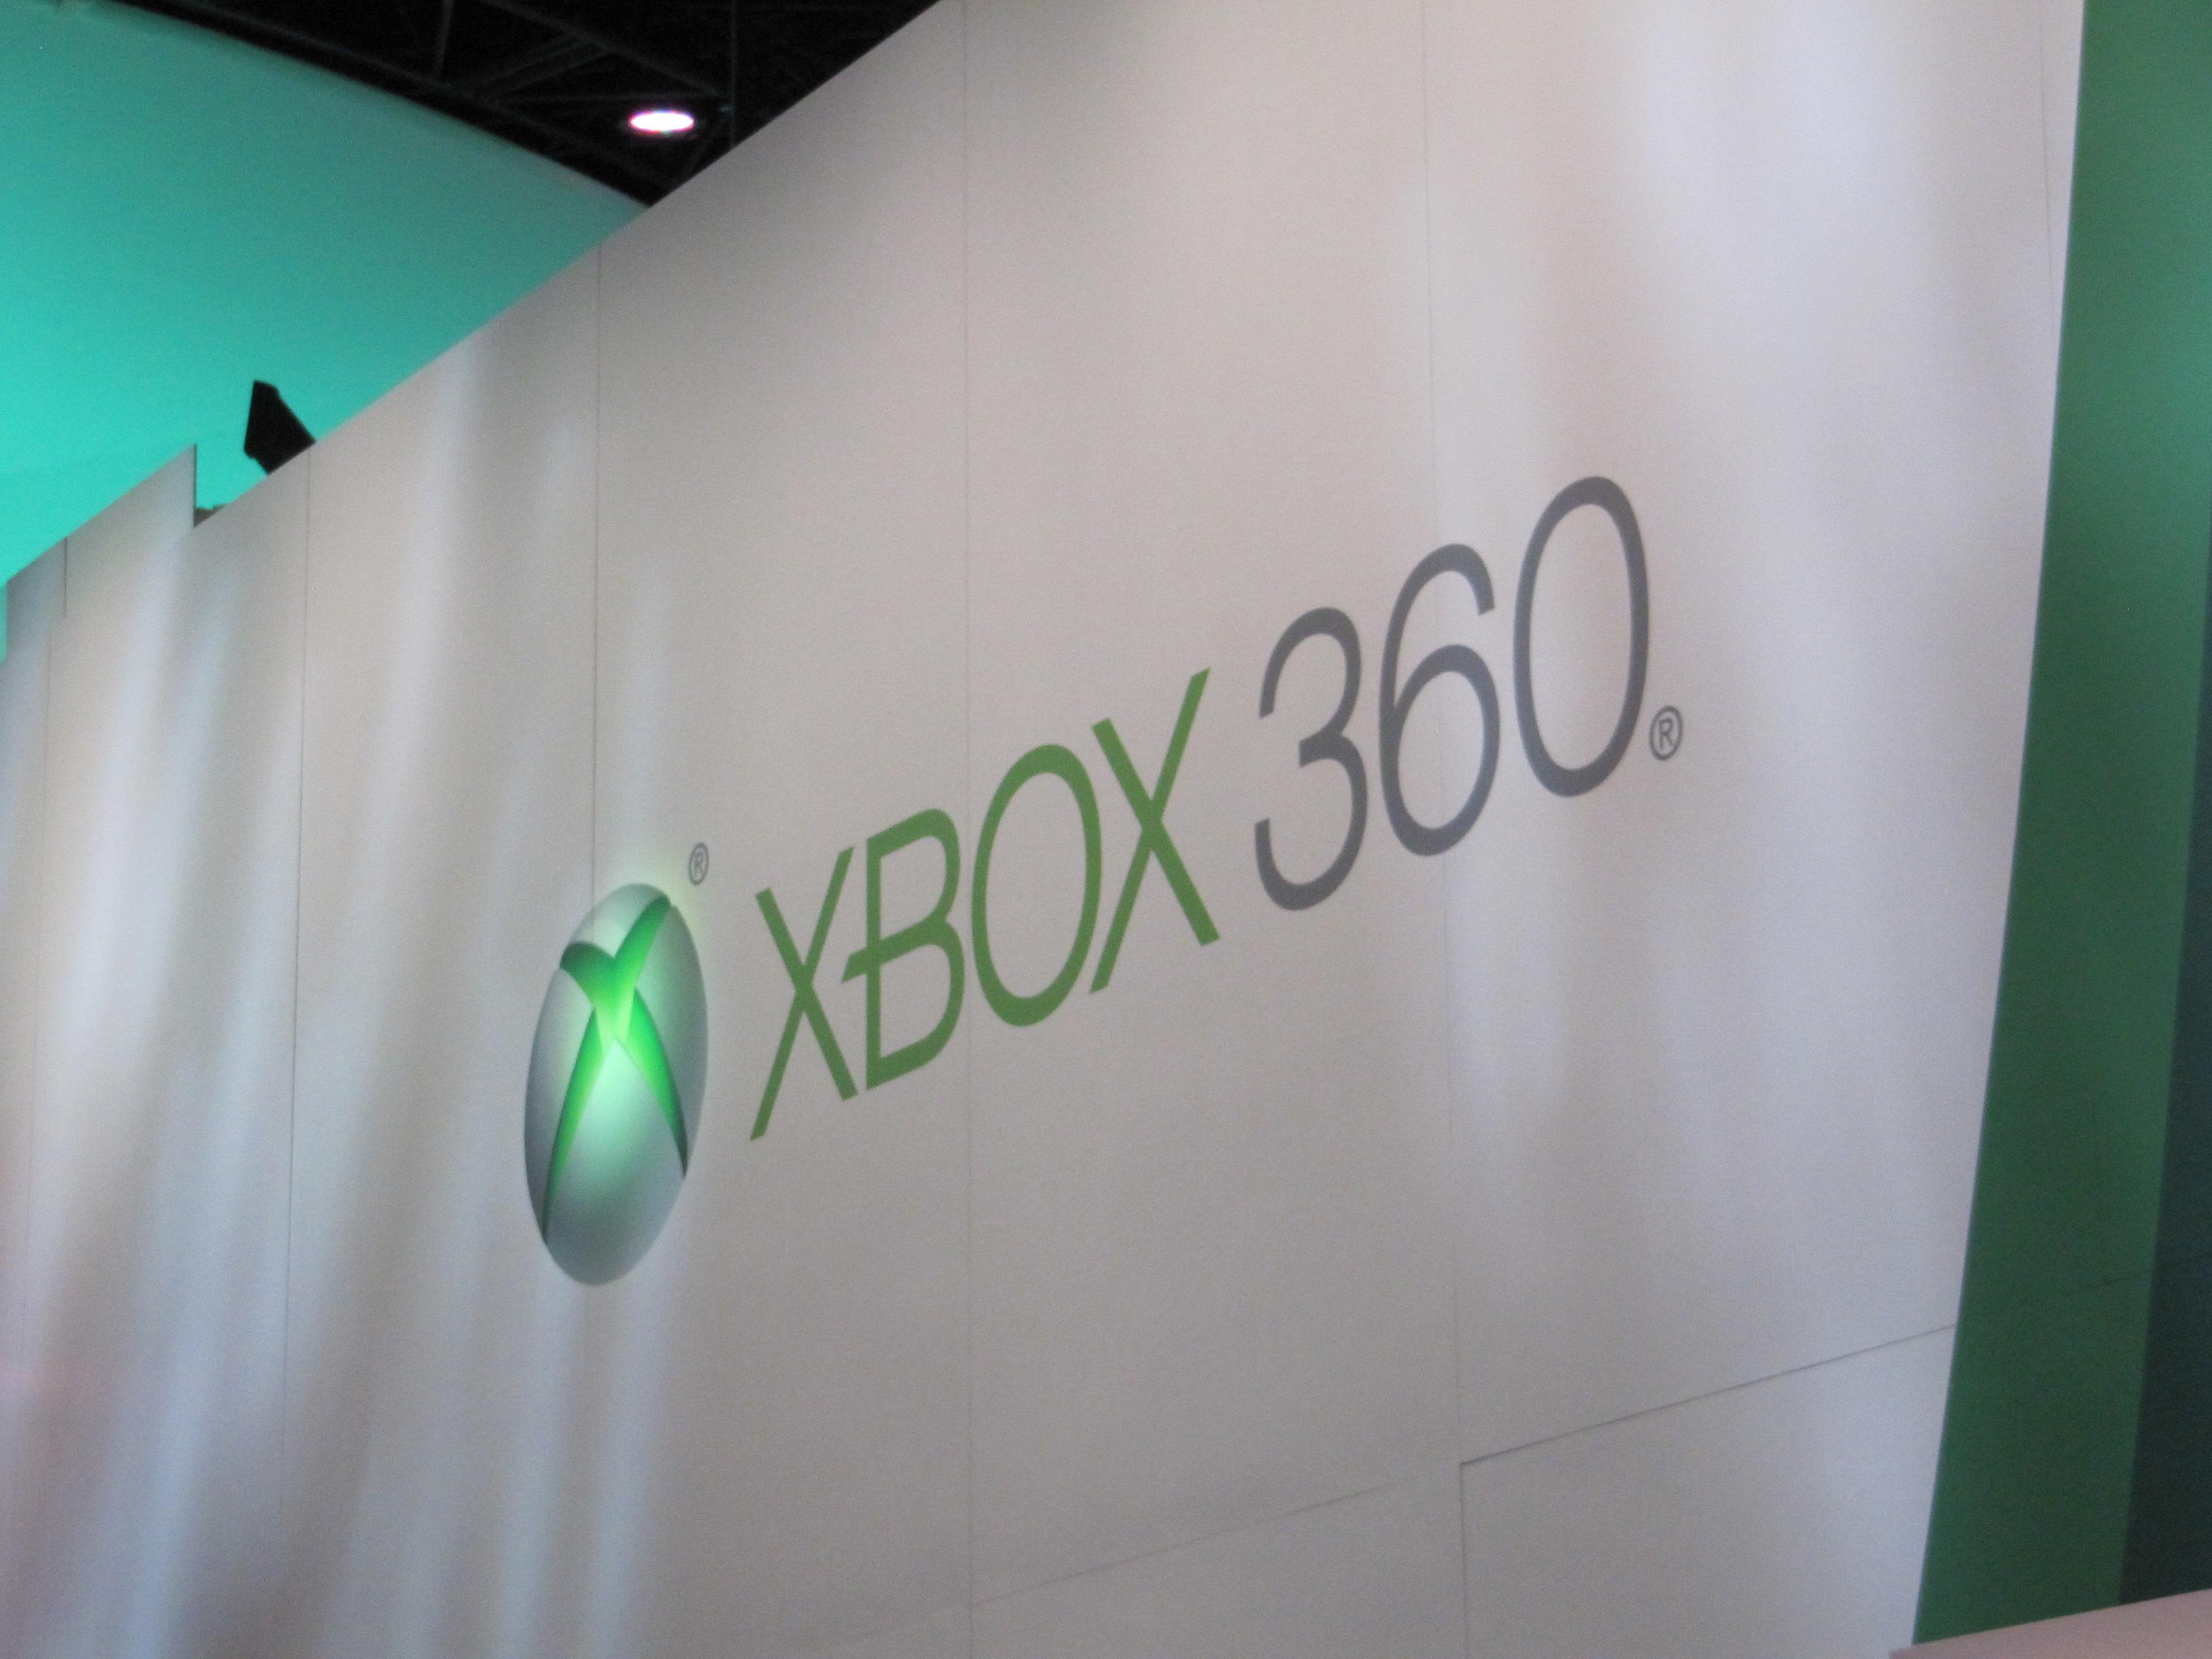 Xbox 360 at E3